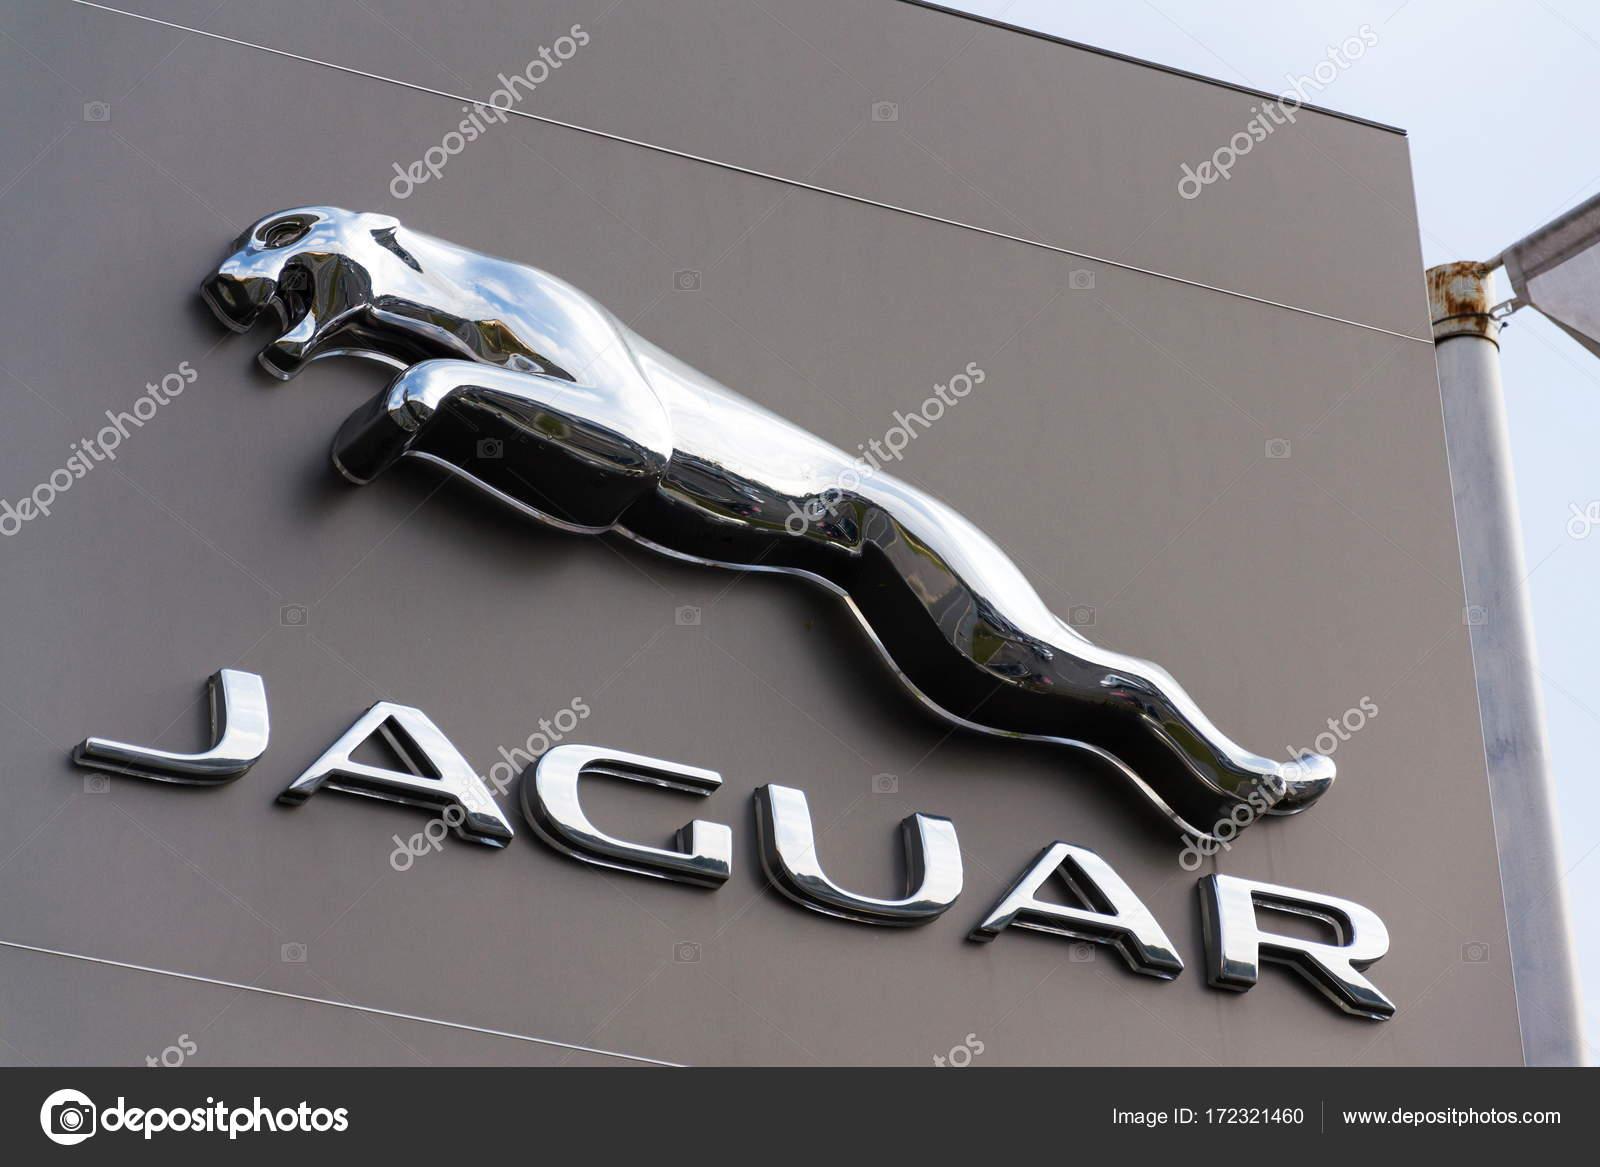 Logotipo Da Empresa Fabricante Jaguar Carro Em Frente Ao Prédio Da  Concessionária U2014 Fotografia De Stock